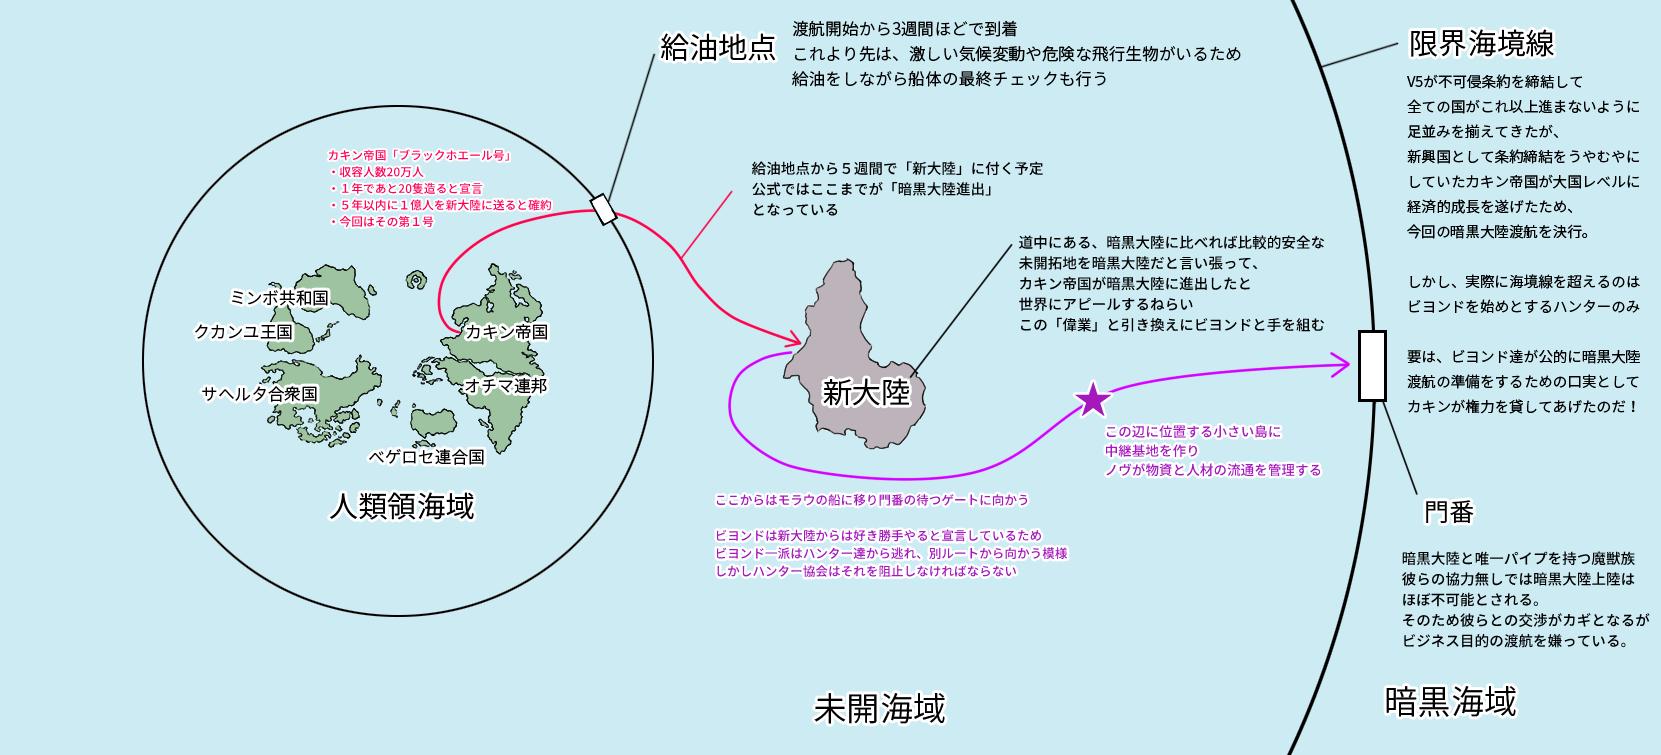 f:id:zaqmju7:20170805114741p:plain